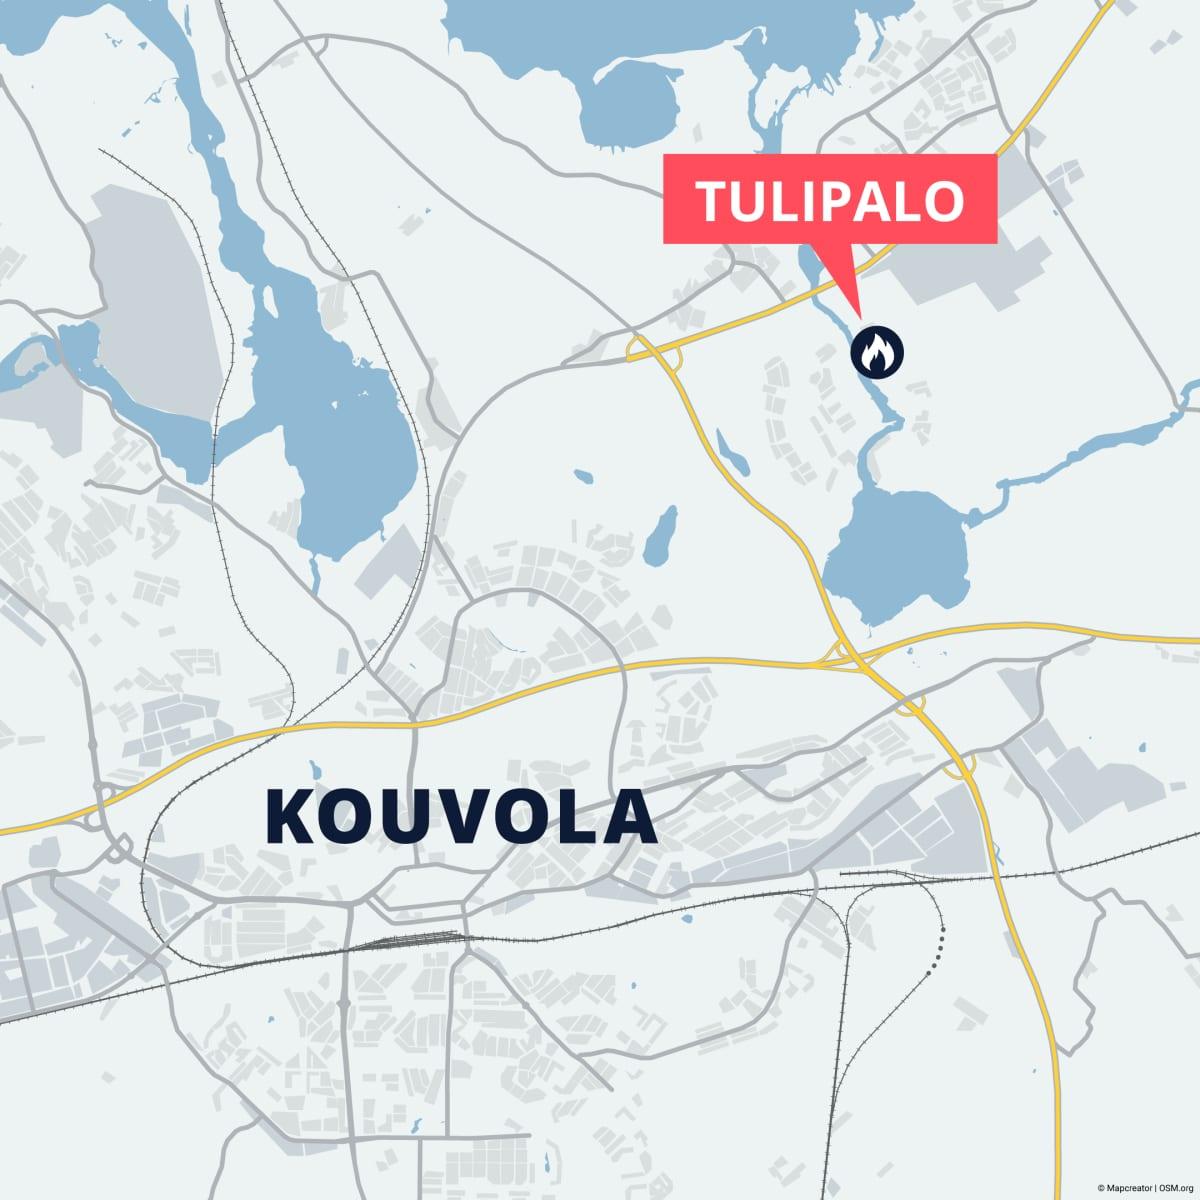 Kartassa Kouvolan kartta ja tulipalon paikka osoitteessa Sairaalantie 7.